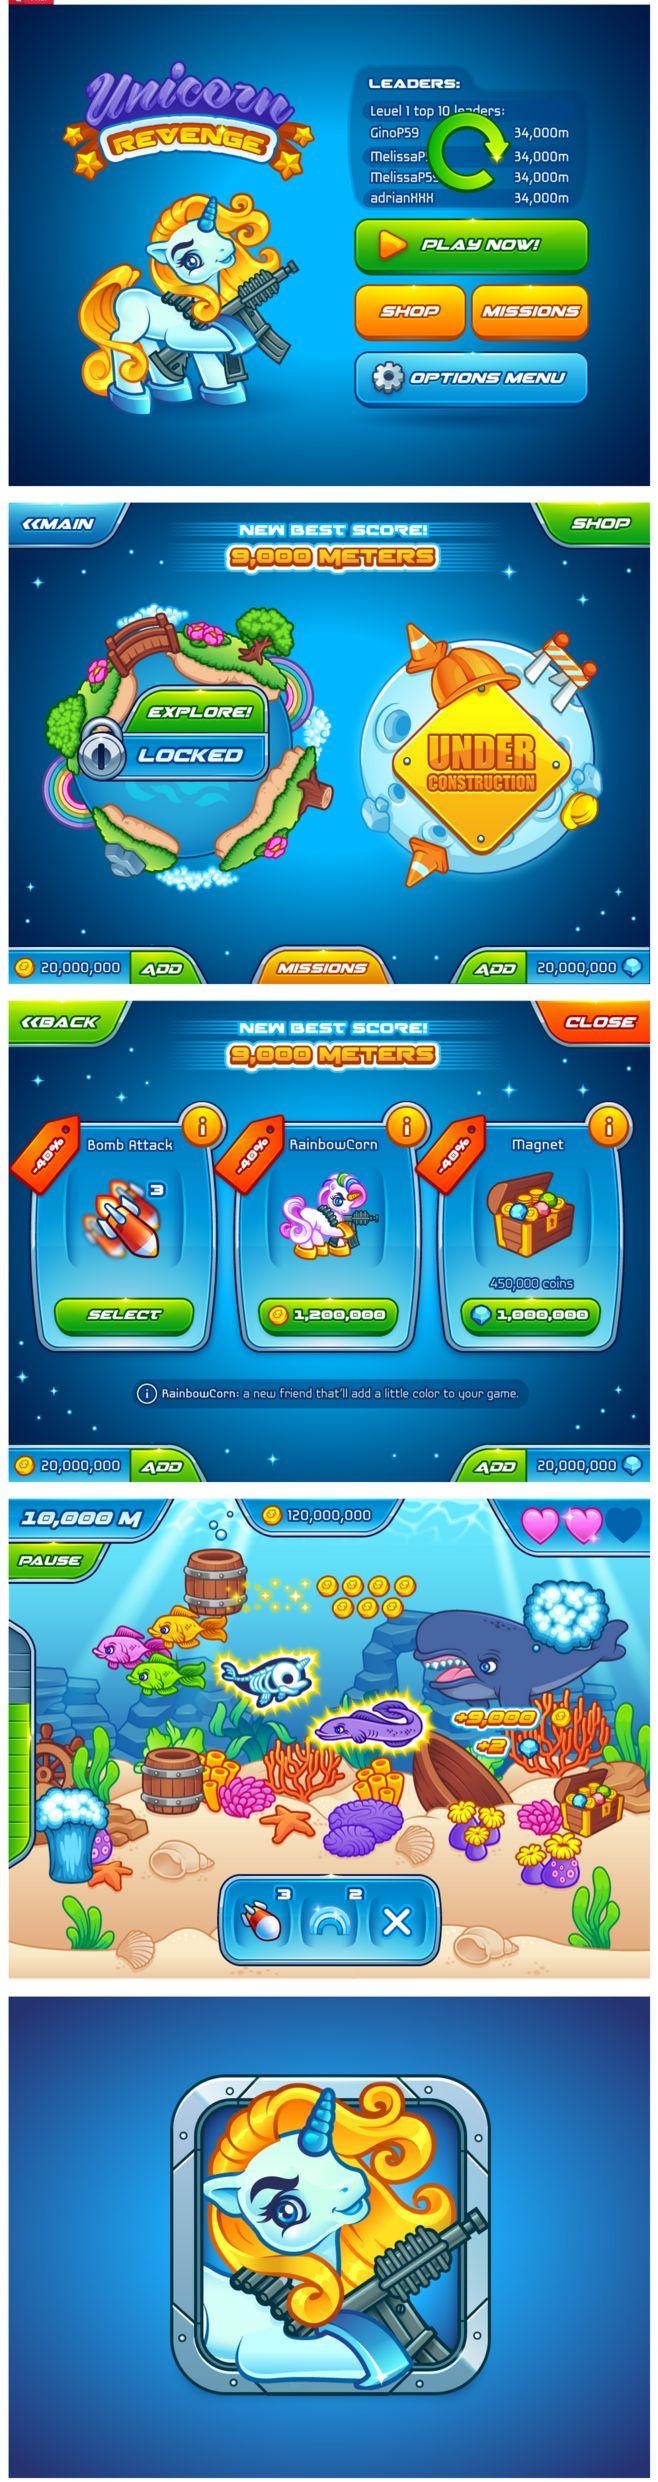 一款国外的手机游戏 |GAMEUI- 游...